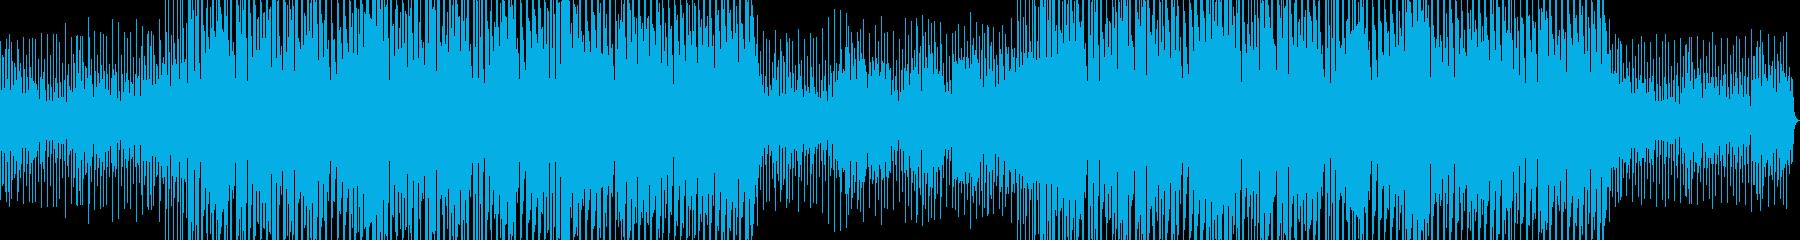 激しいジャズドラムのエレクトロスウィングの再生済みの波形